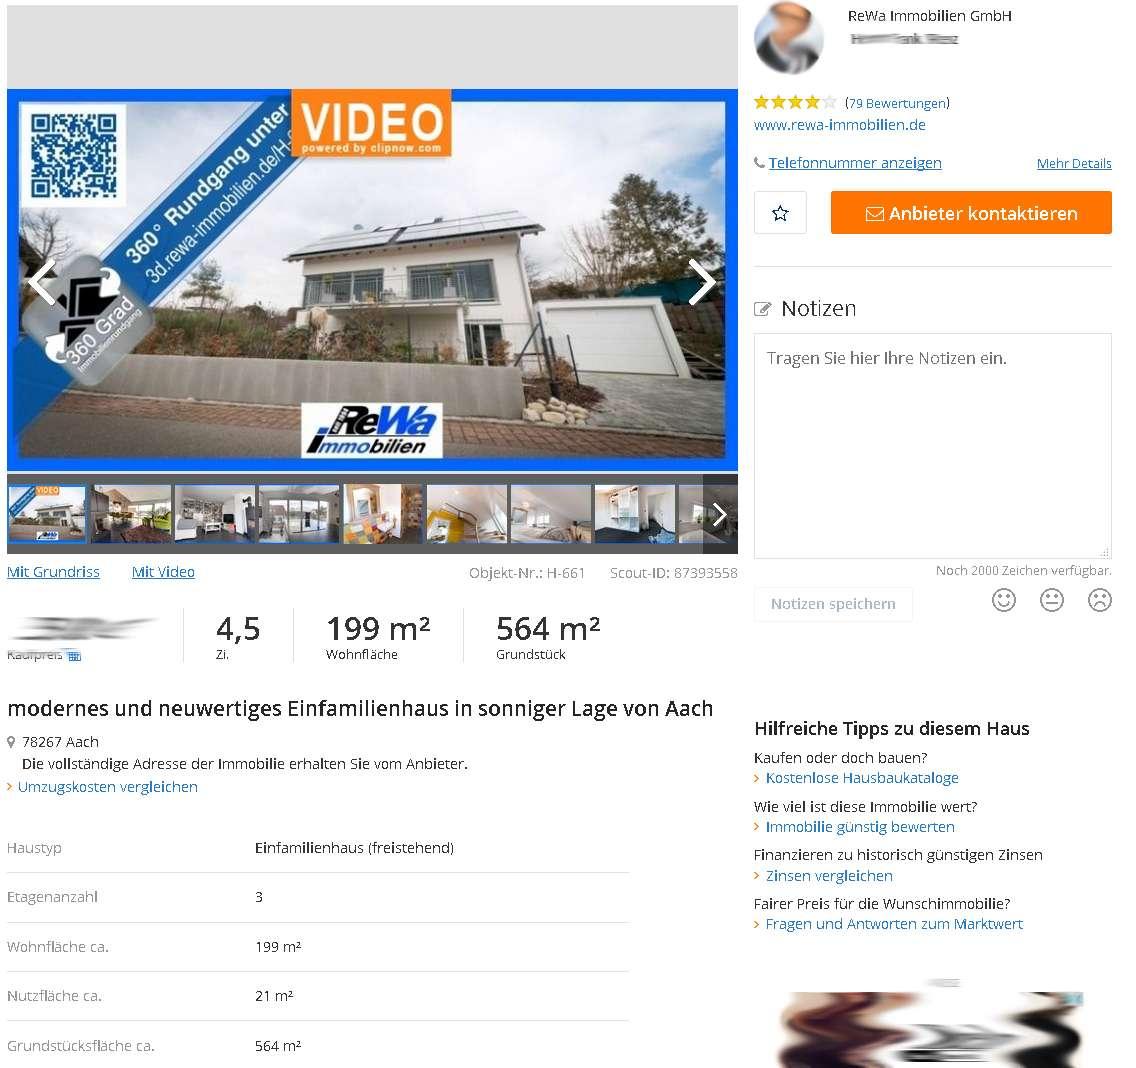 Immobilienfotografie für ReWa in Aach am Bodensee